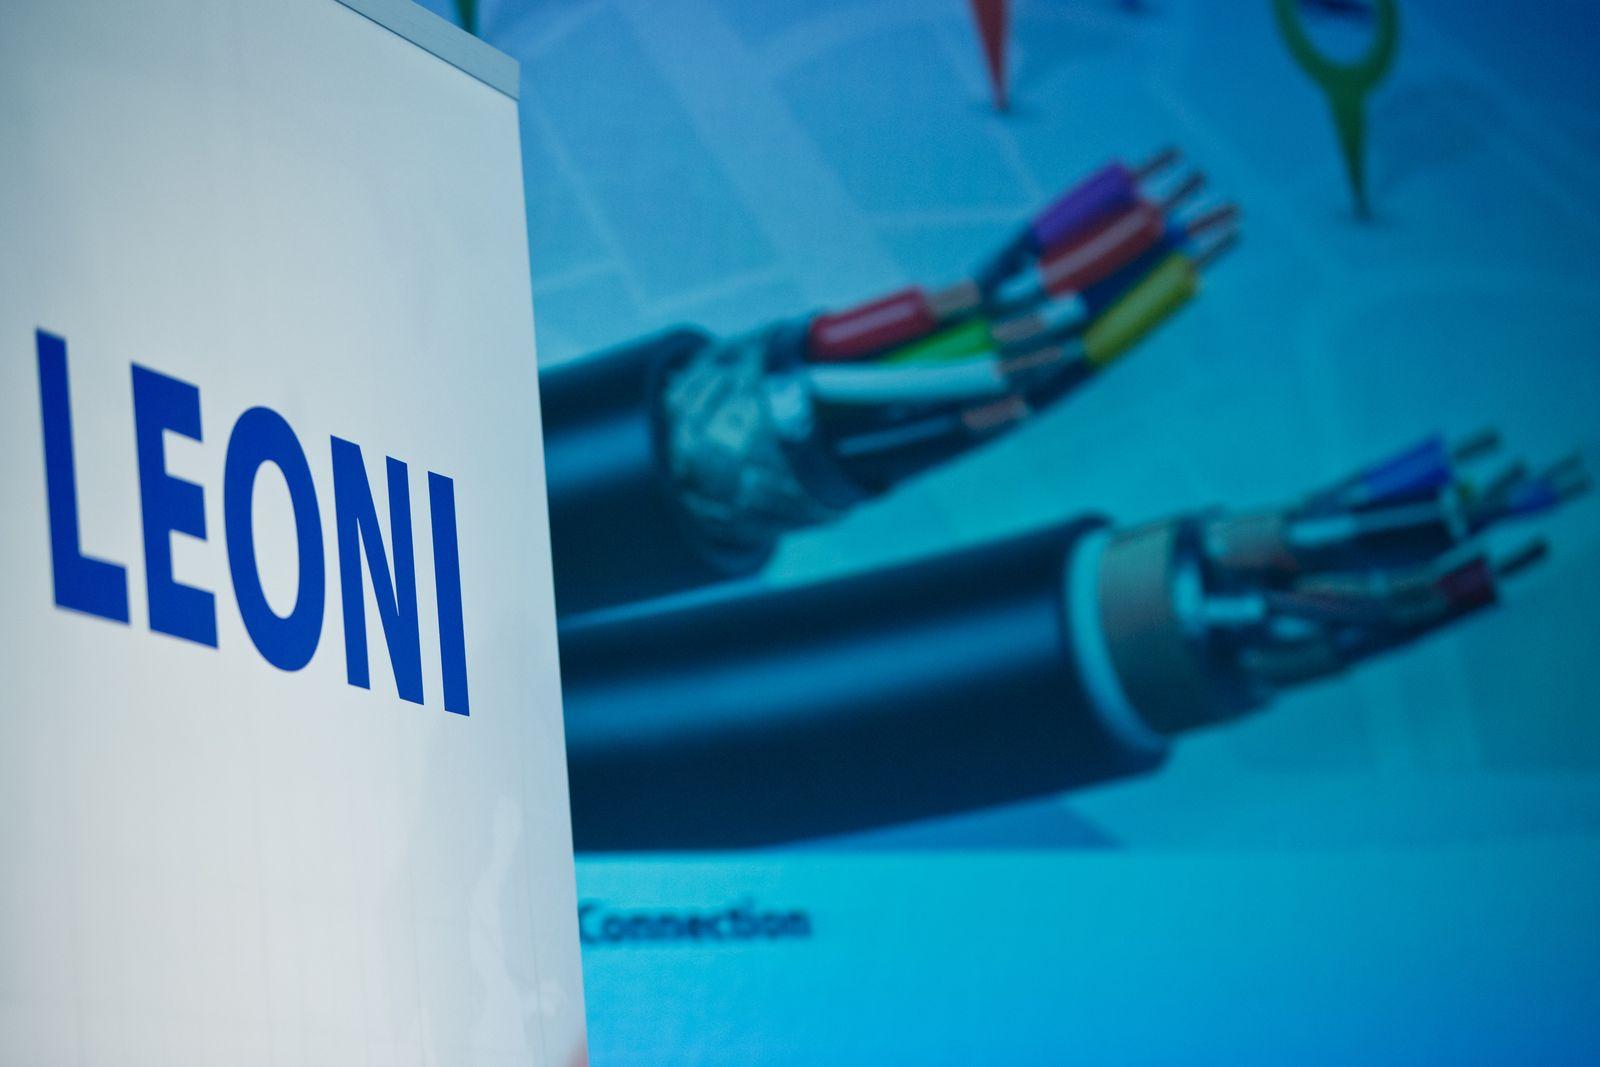 Leoni AG; Logo